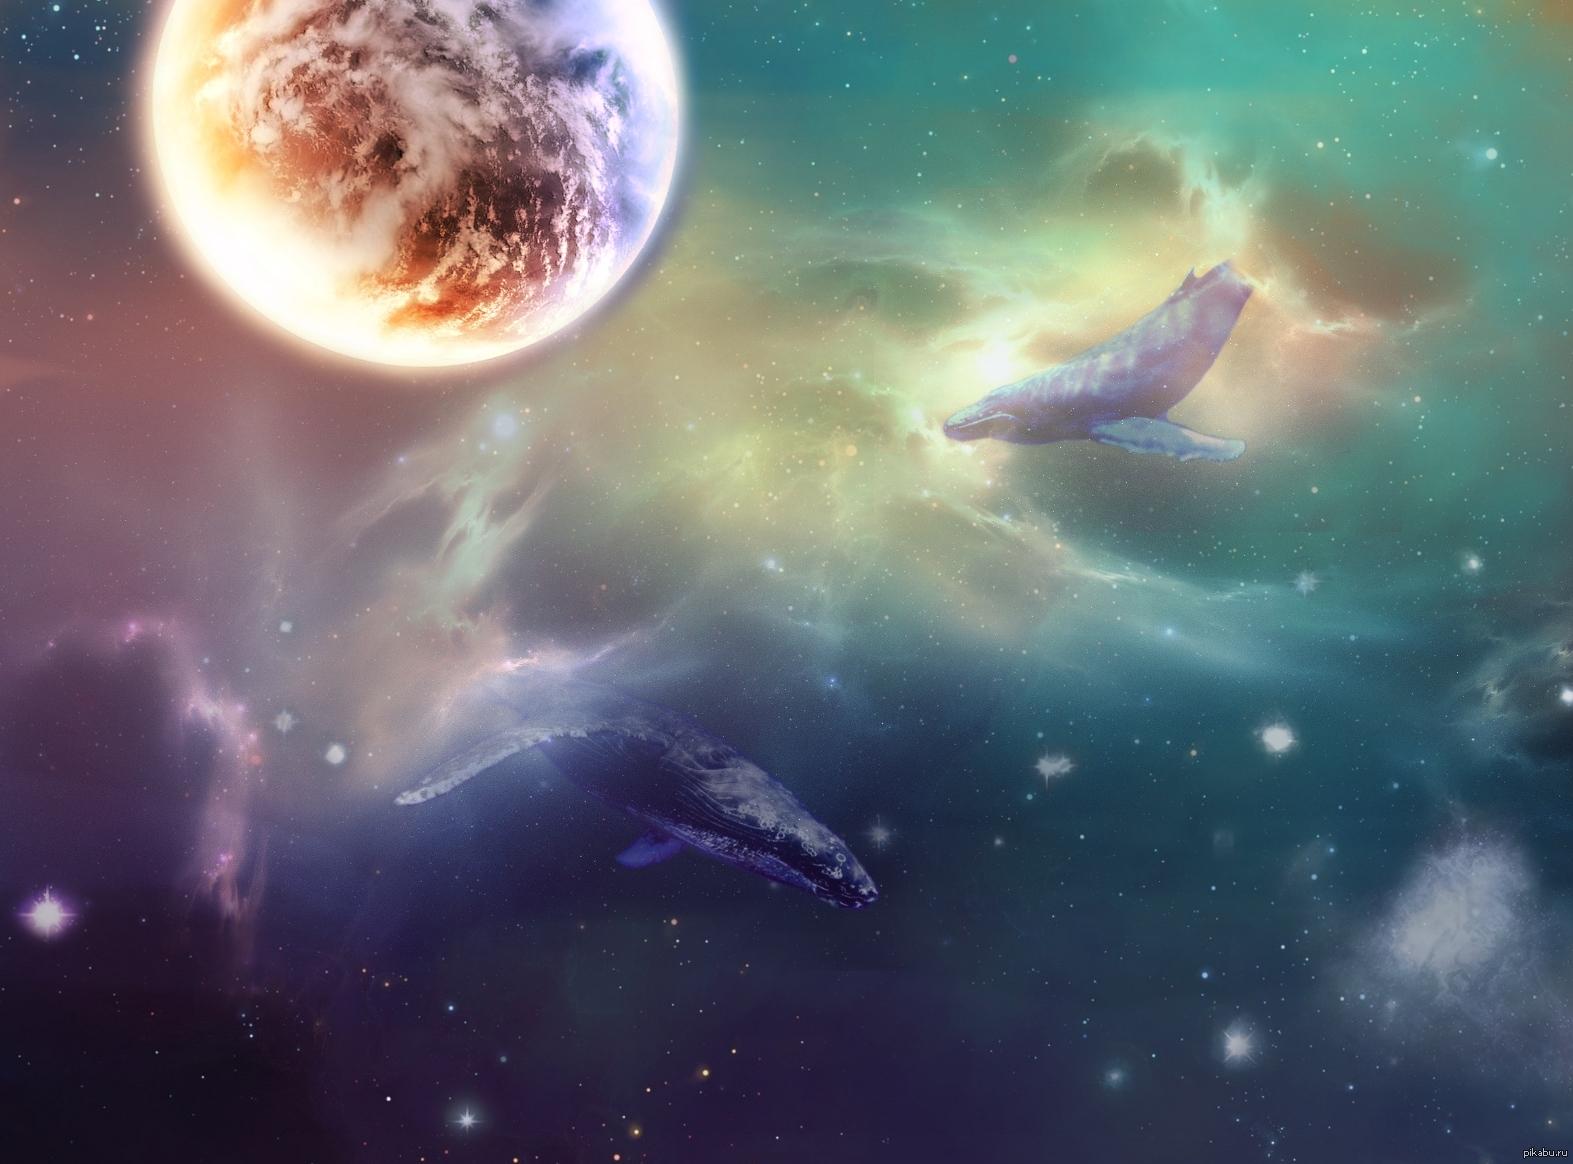 космос и киты картинки на рабочий стол волге вернулся спустя